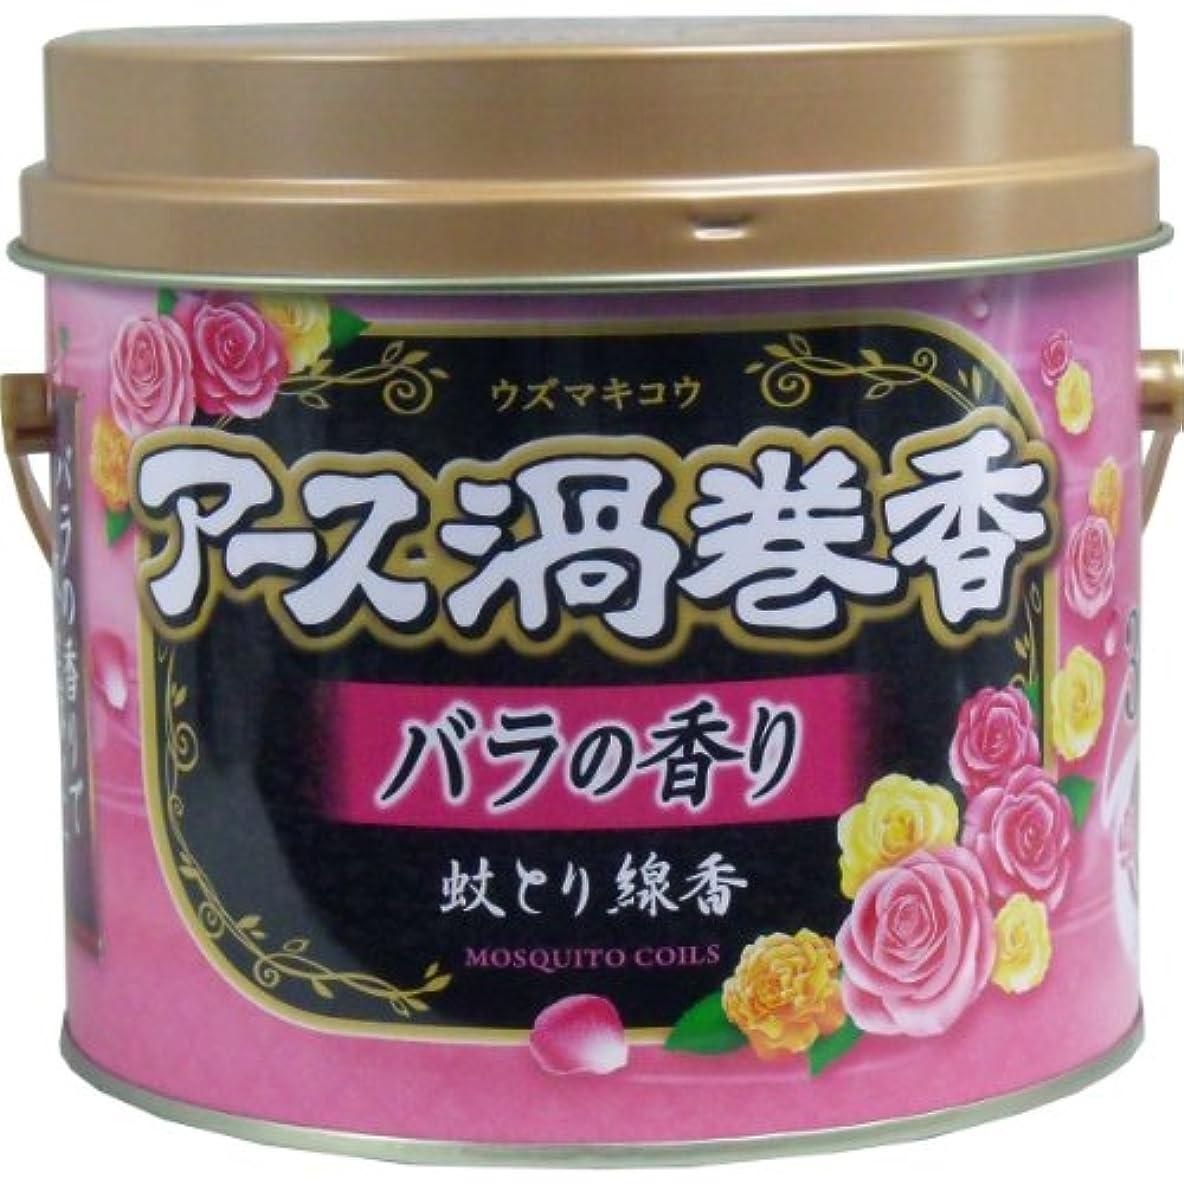 裕福なふける実現可能性アース渦巻香 蚊とり線香 バラの香り 30巻 2個セット